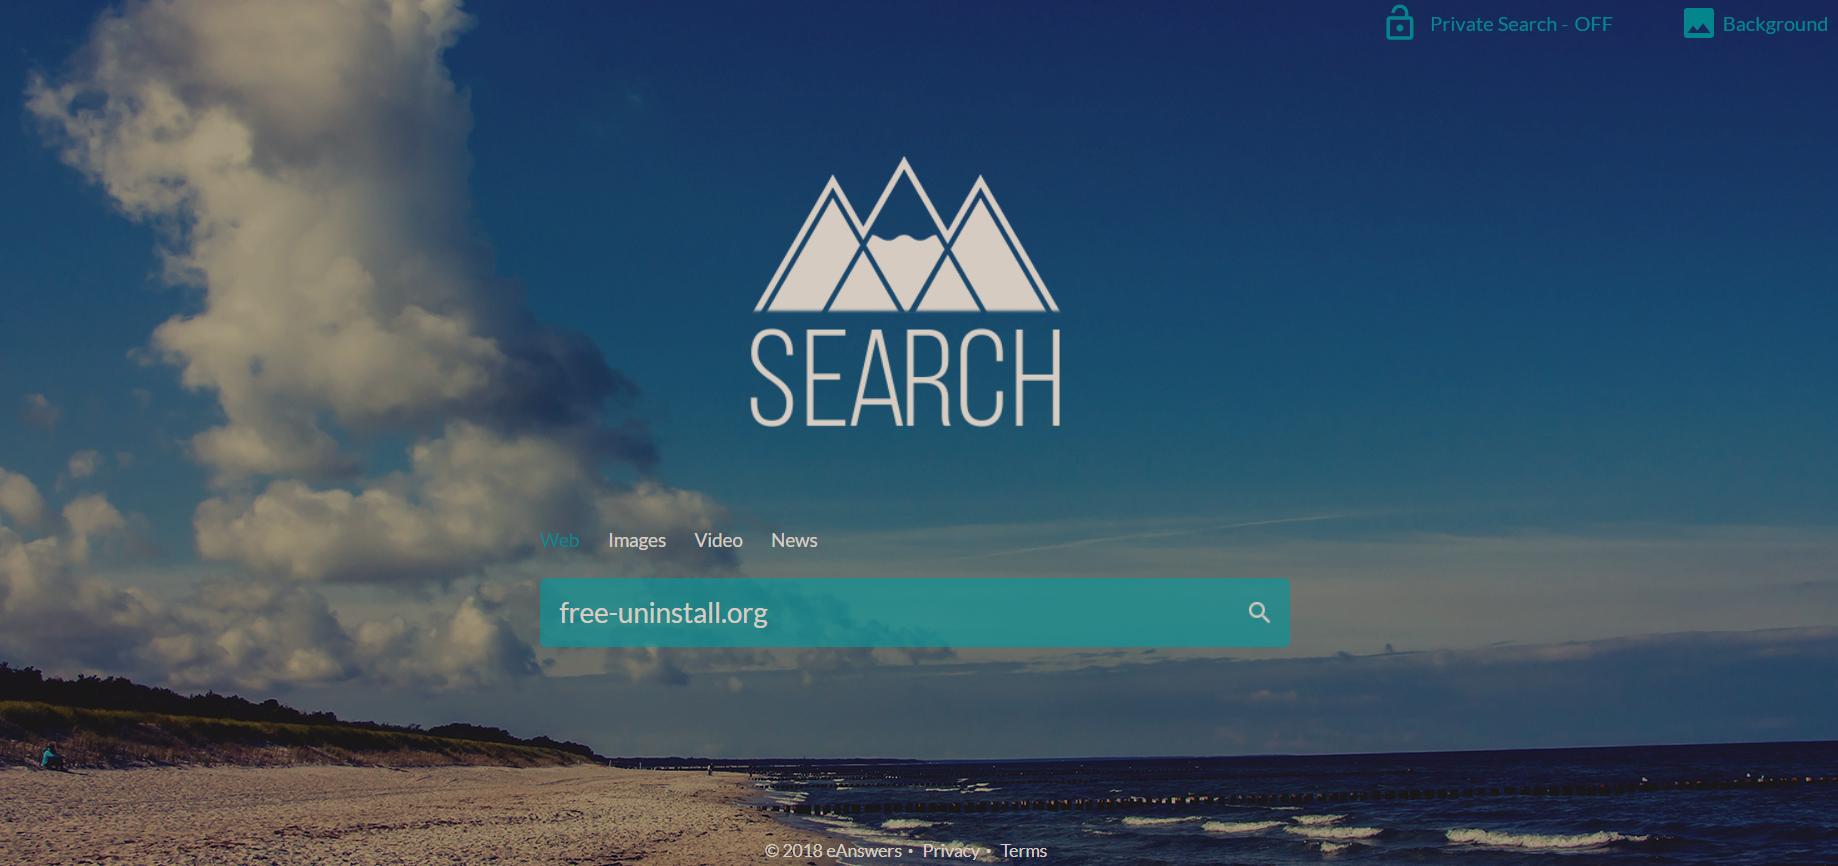 Search.mymedianetnow.com hijacker